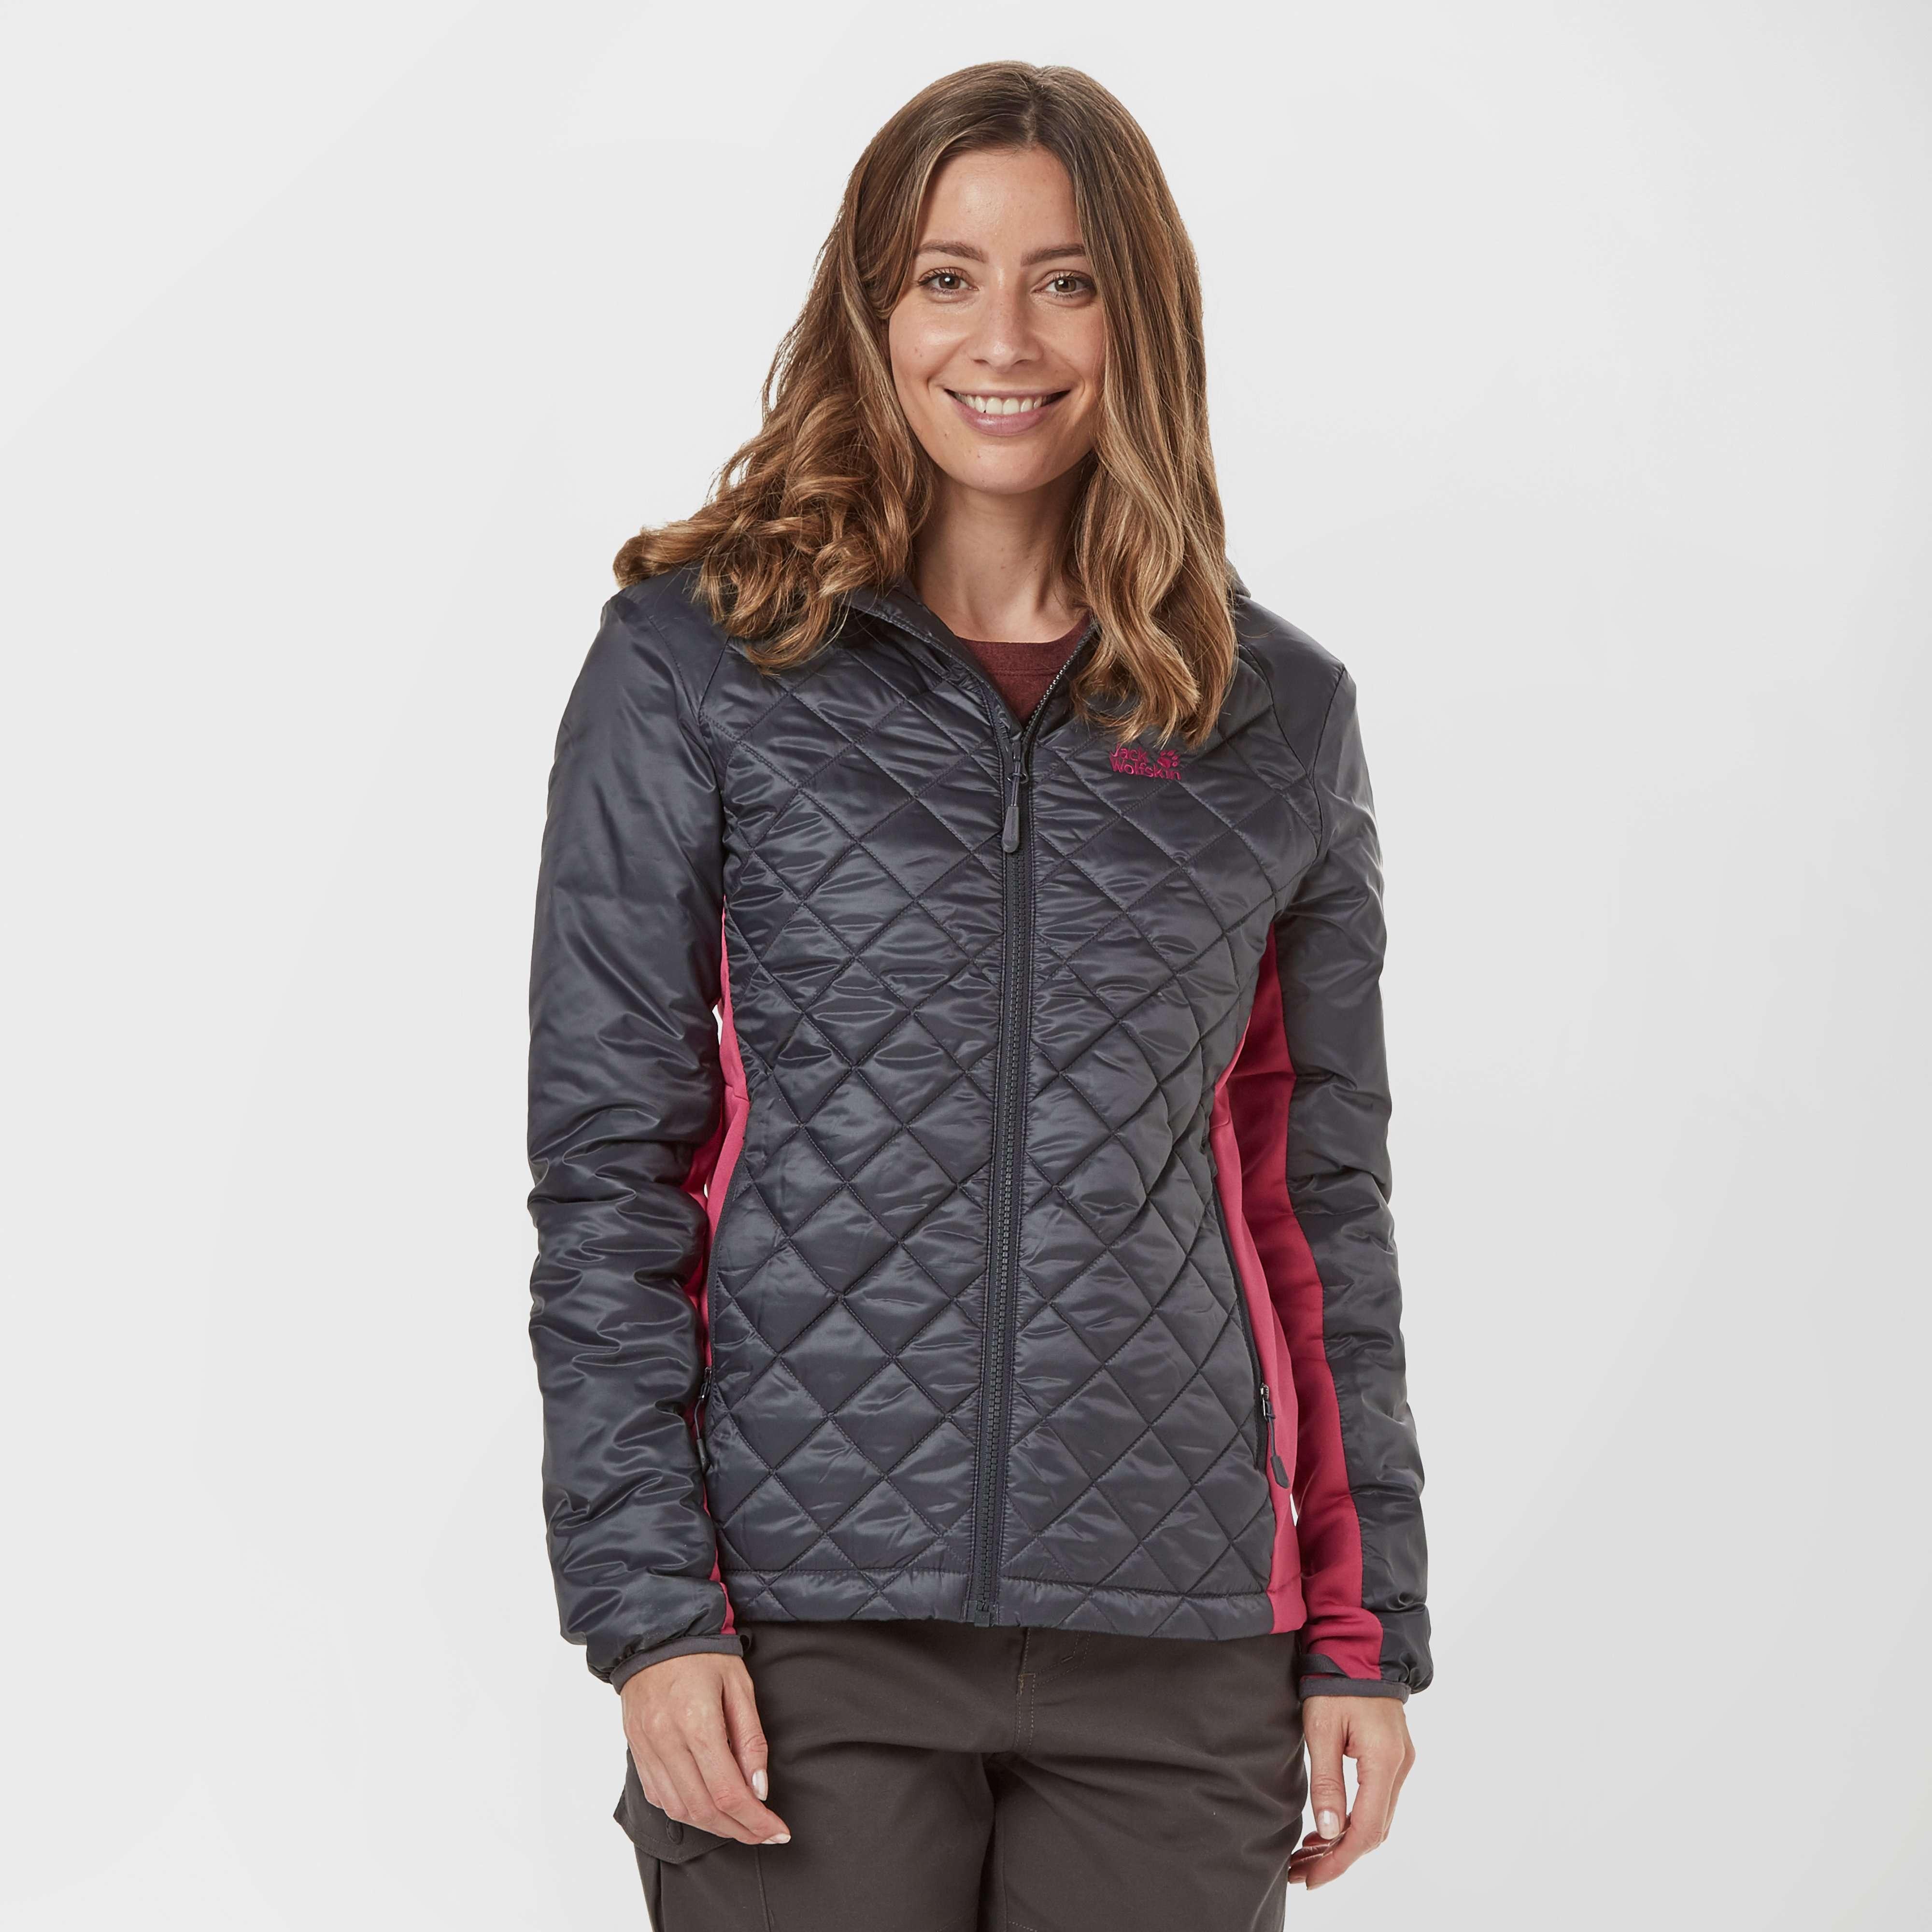 JACK WOLFSKIN Women's Snowy Tundra Insulated Jacket